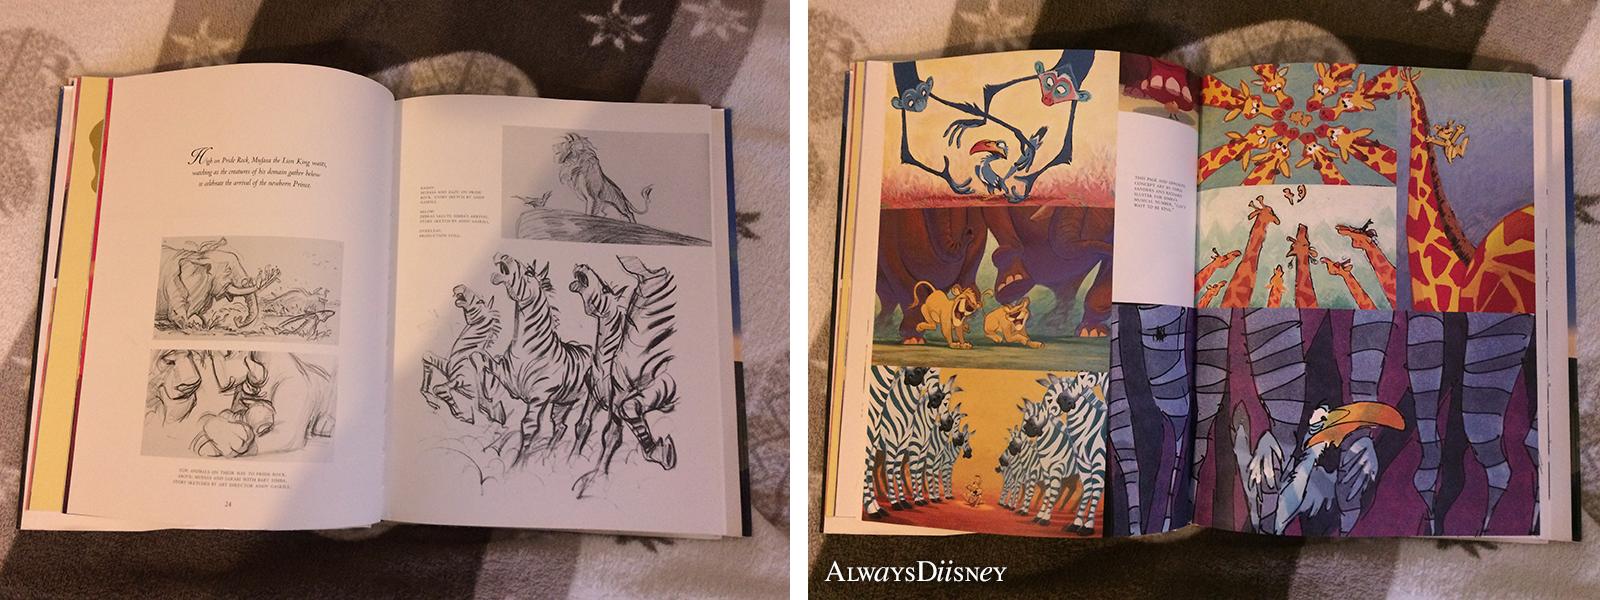 [Collection]Dans le cocon d'AlwaysDiisney 190607012054503704